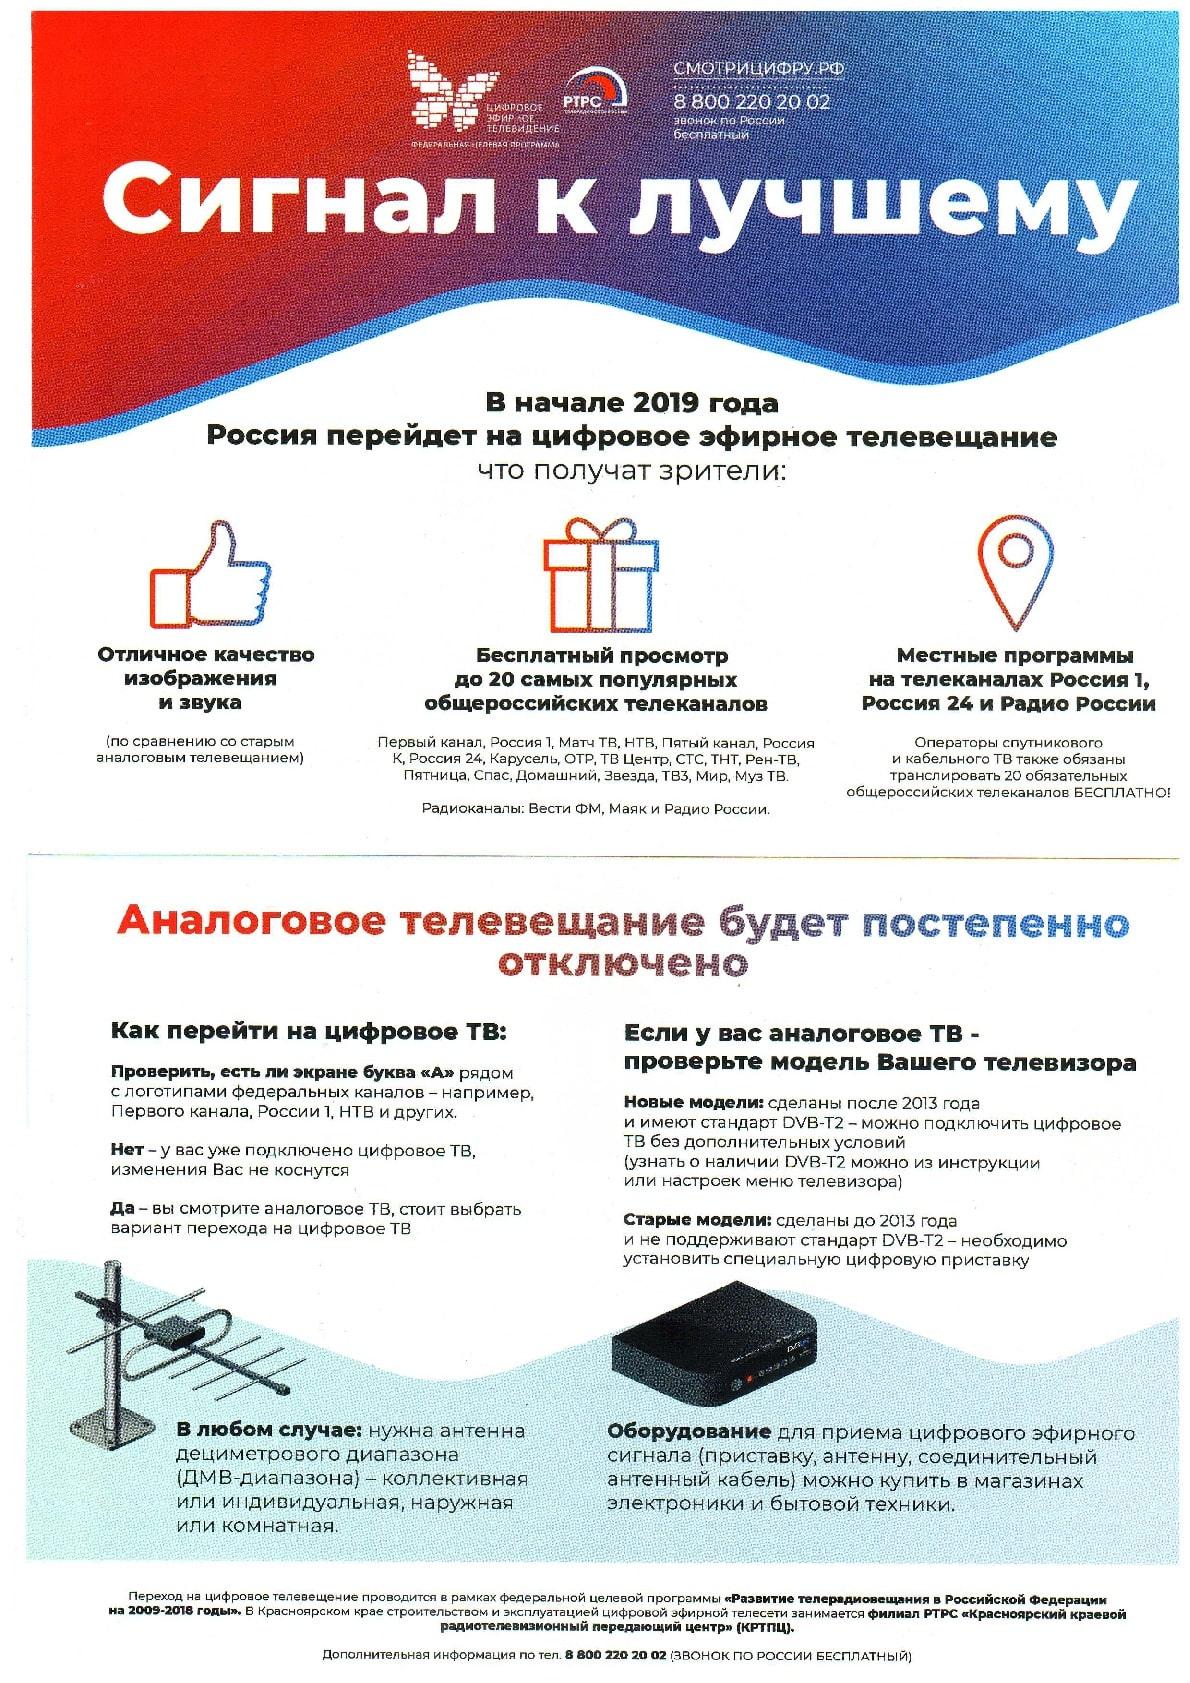 Цифровое телевидение-001-min